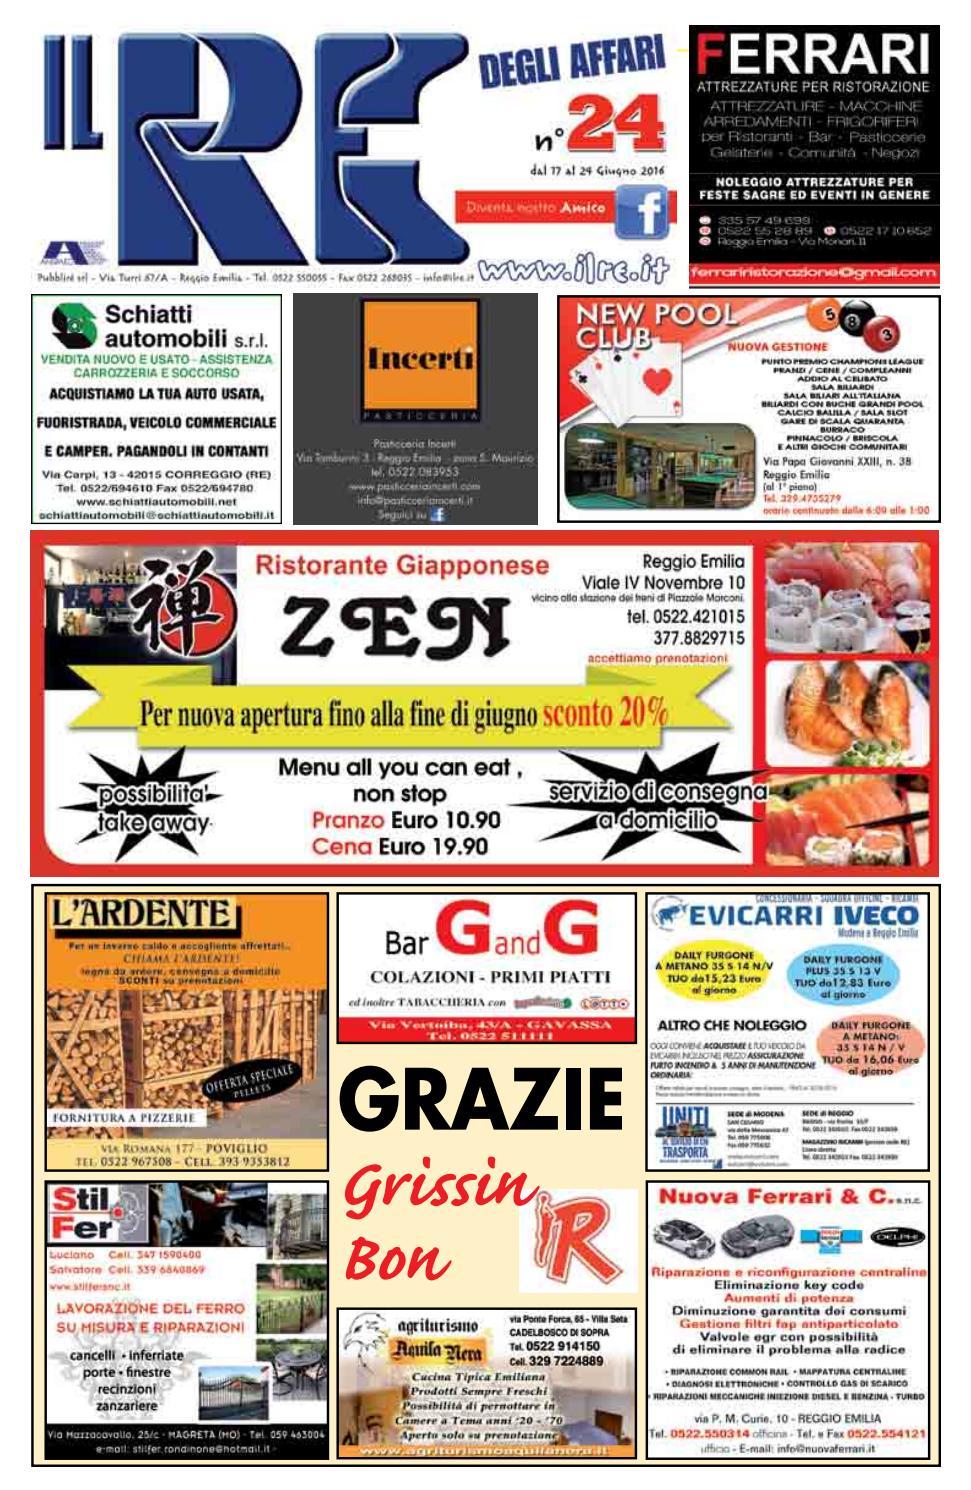 IL RE DEGLI AFFARI NR° 24 2016 by Il Re degli Affari - issuu 1316e34505a